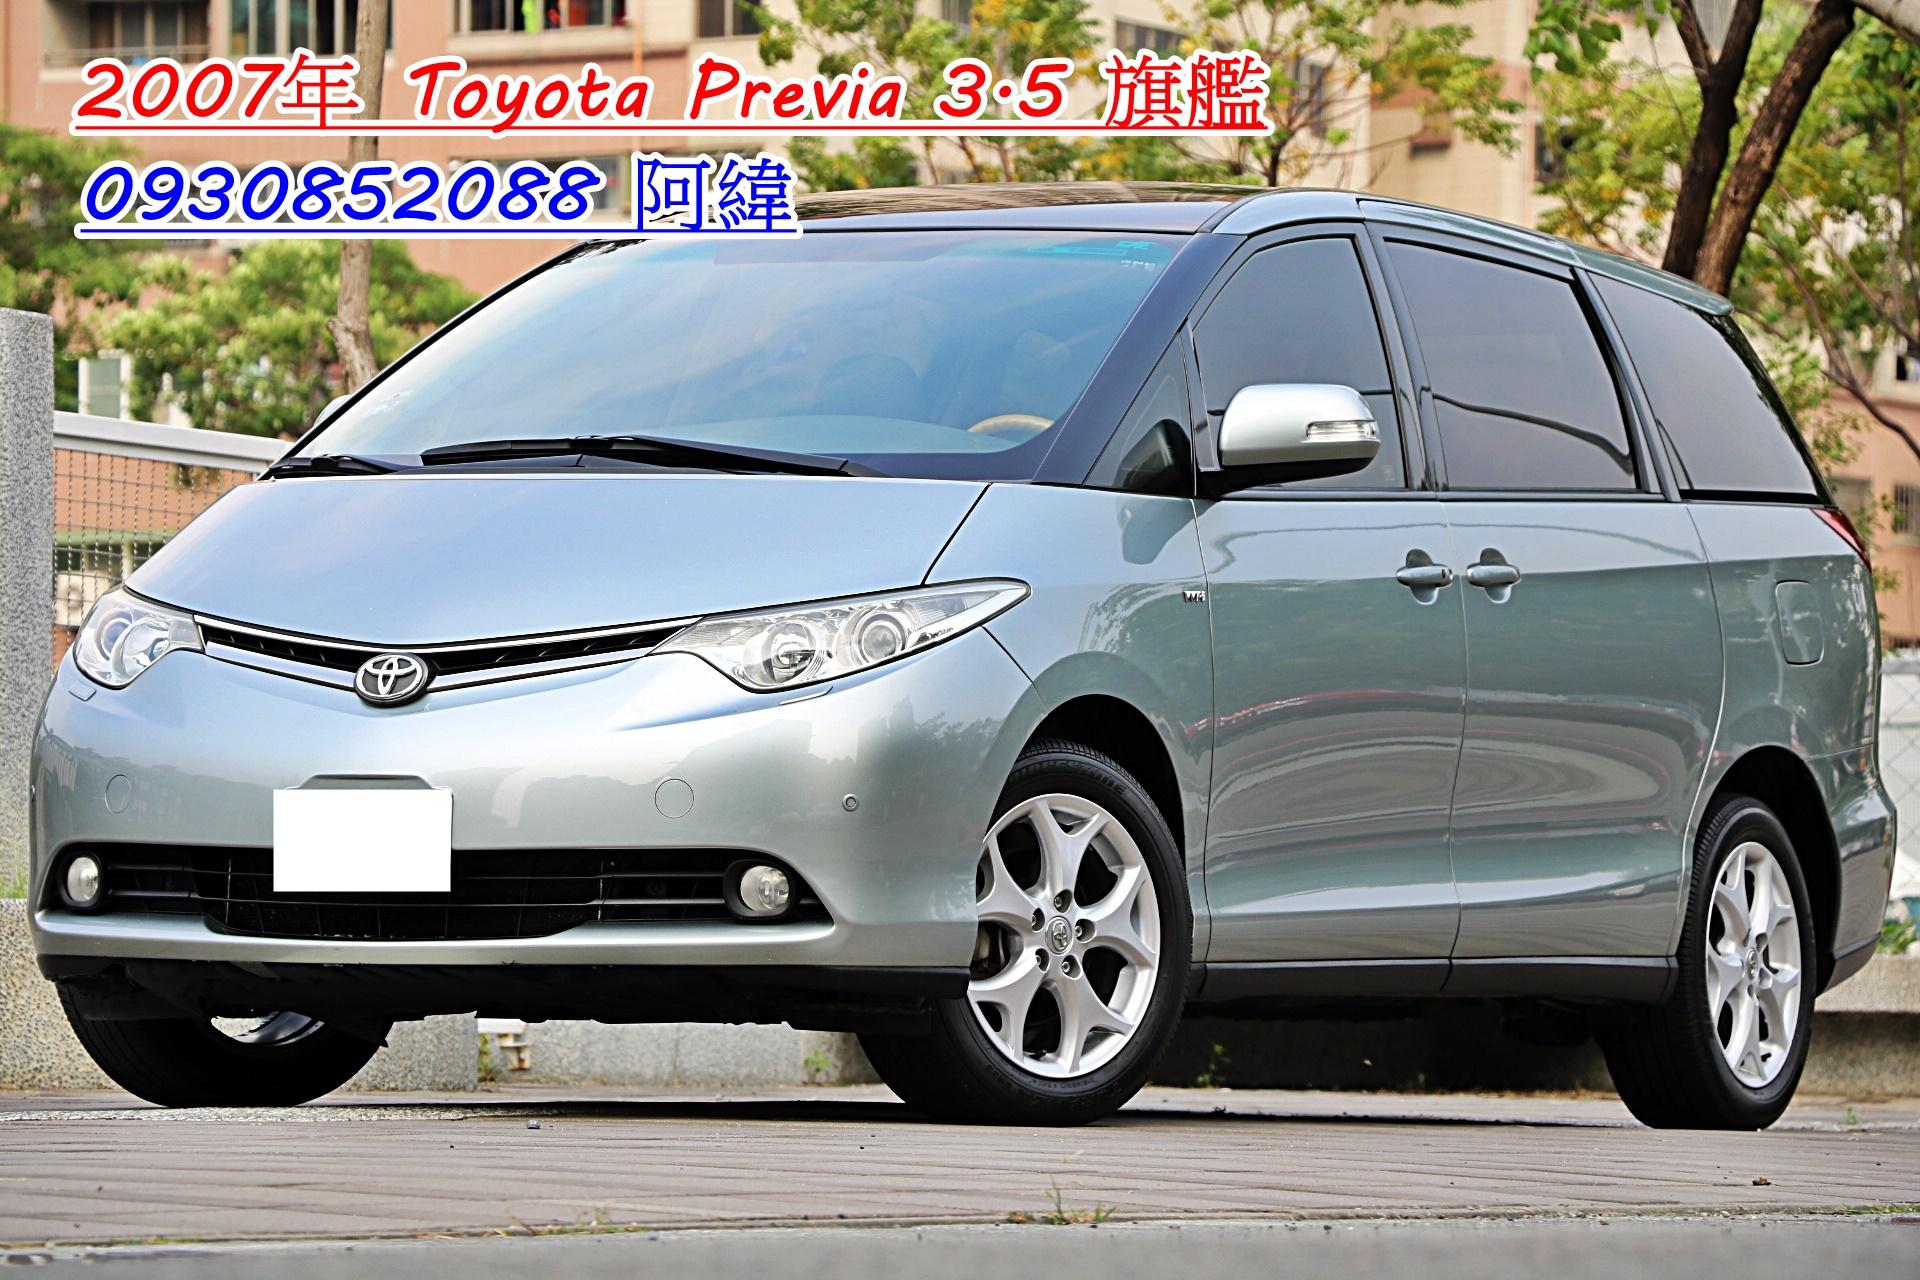 2007 Toyota Previa